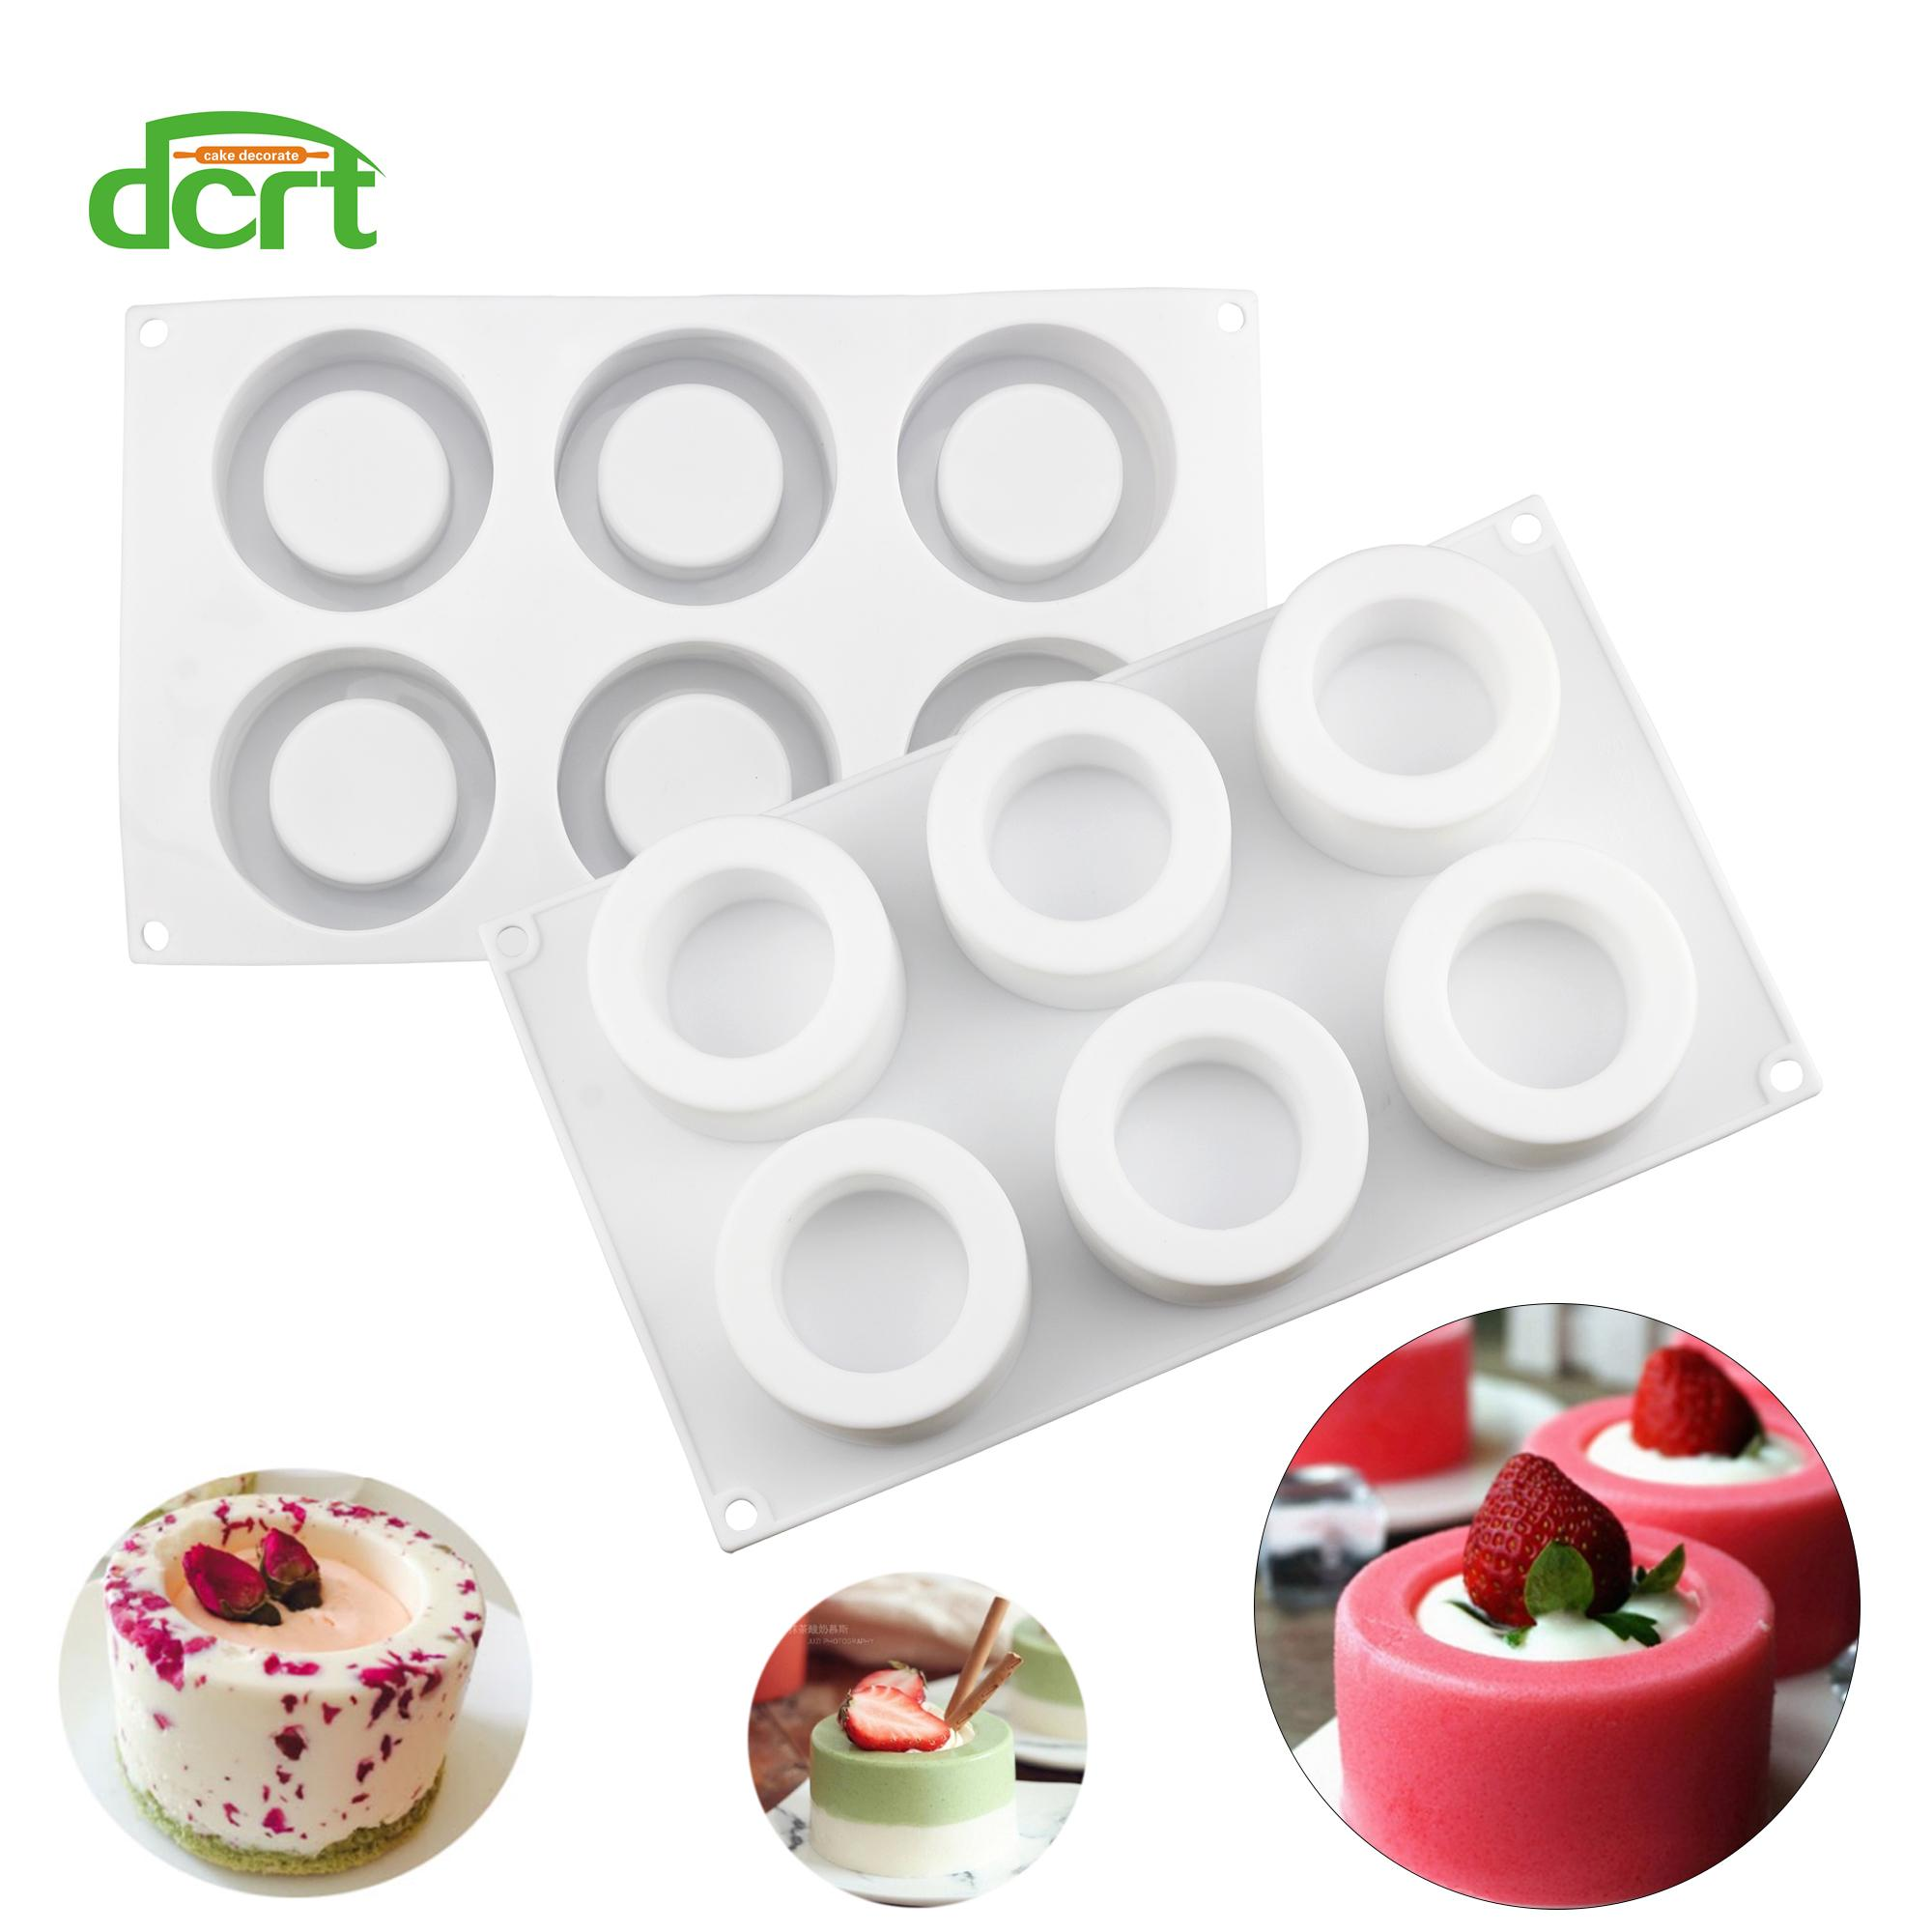 Grosshandel Dcrt 6 Locher Pudding Tasse Form Silikonform 3d